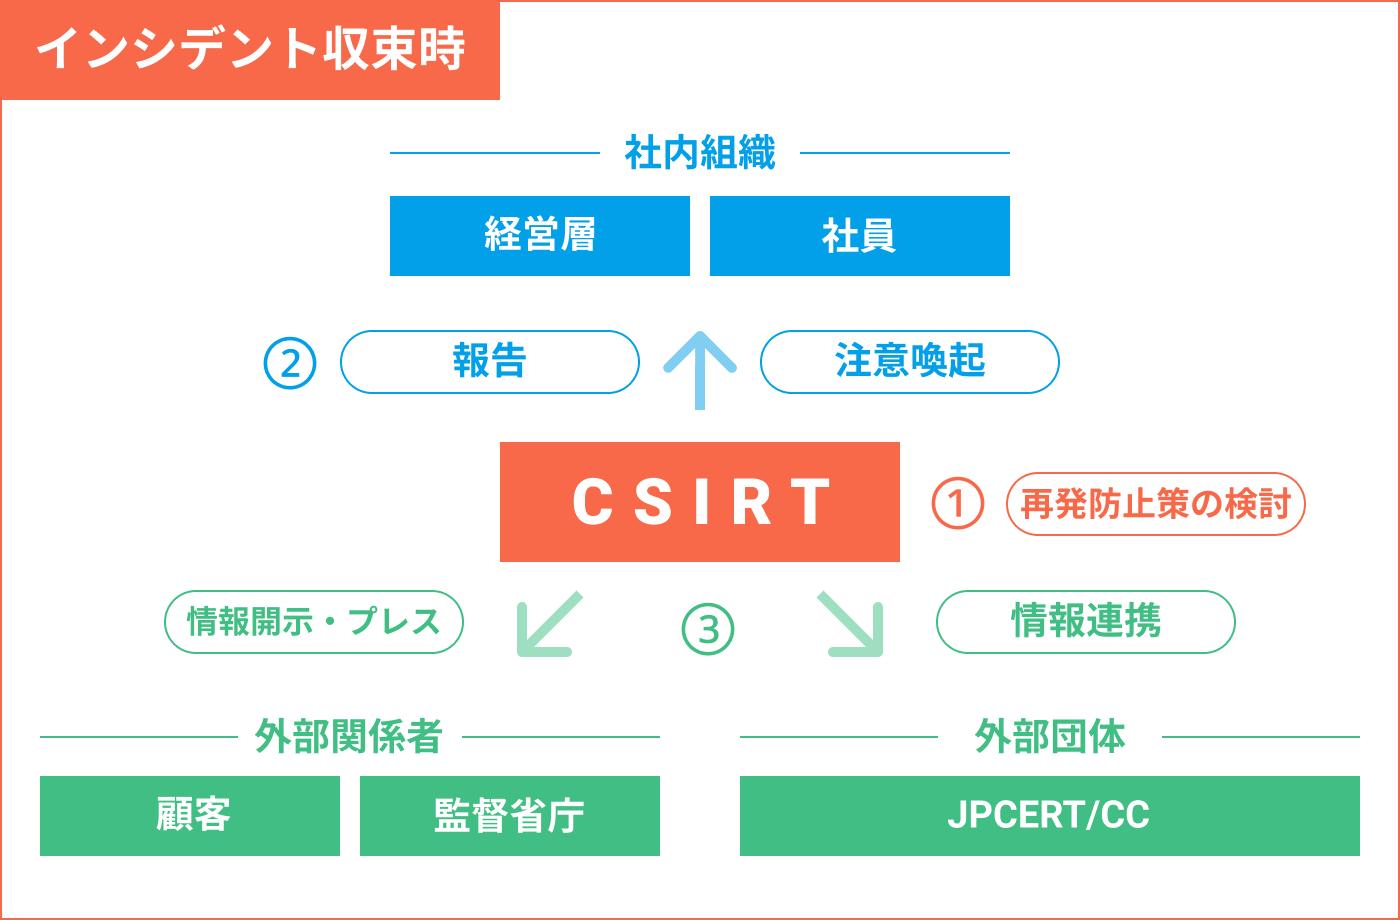 sec_topics_csirt_3.png